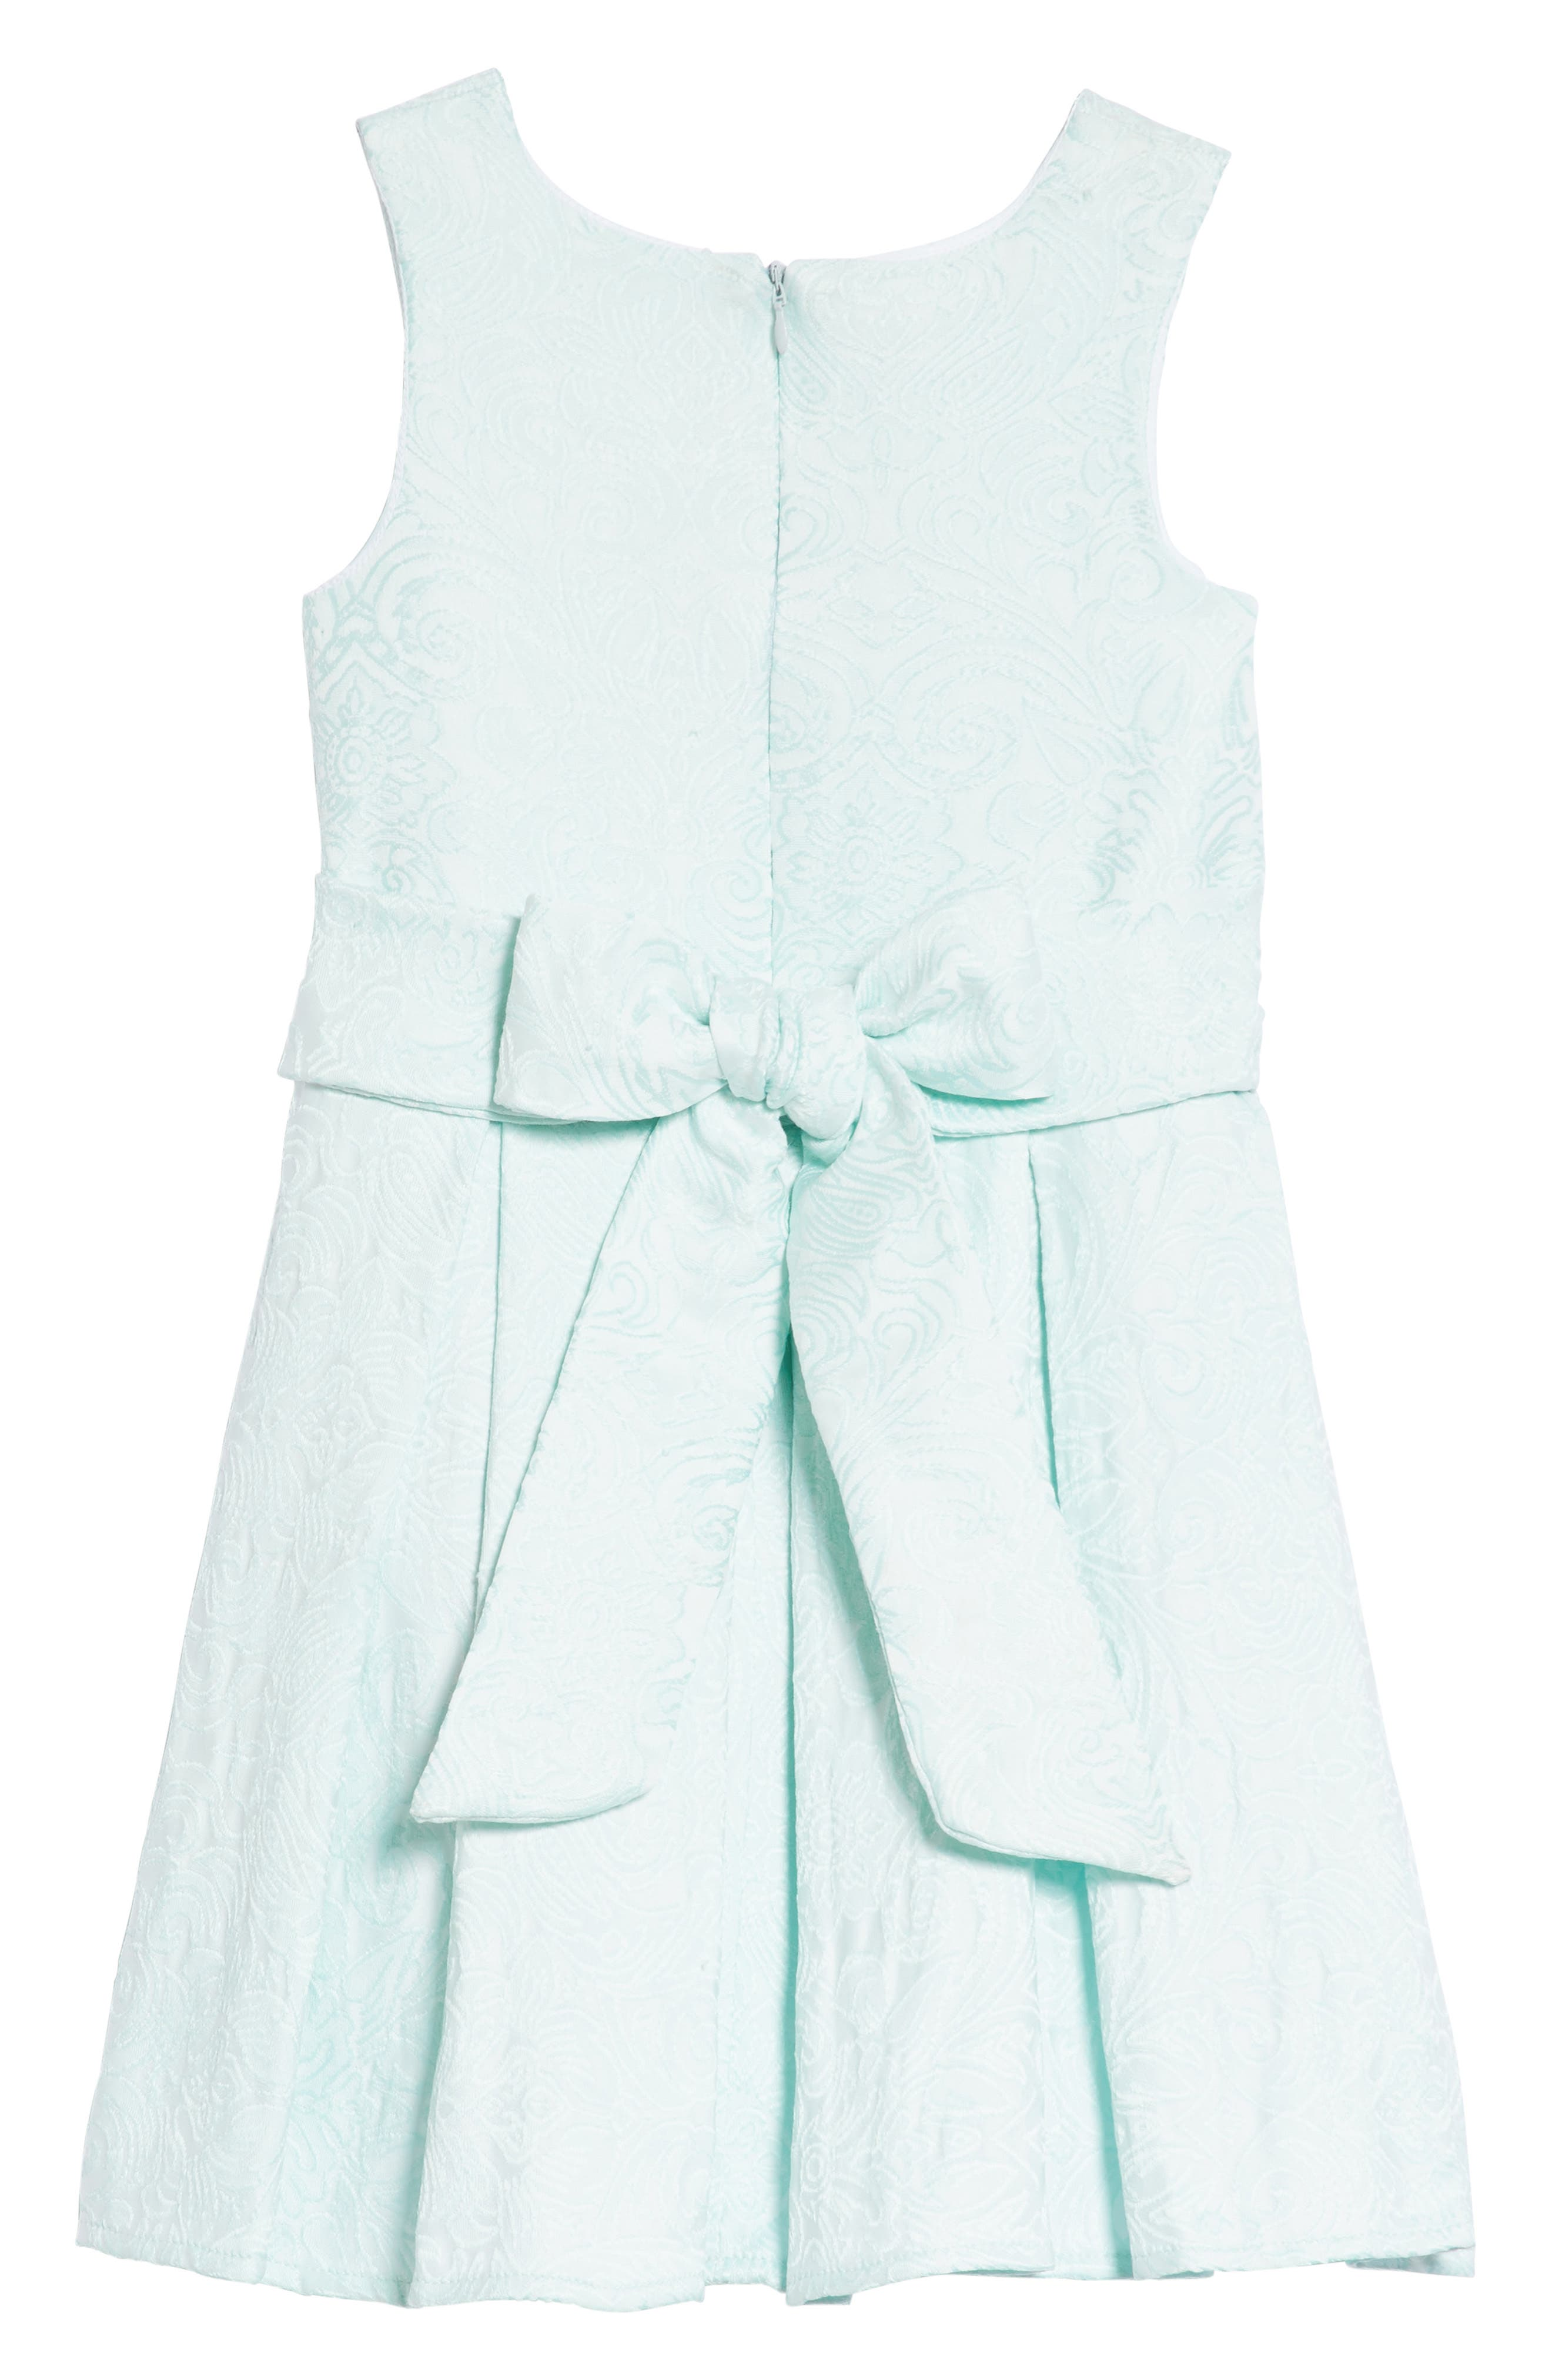 Megan Jacquard Dress,                             Alternate thumbnail 2, color,